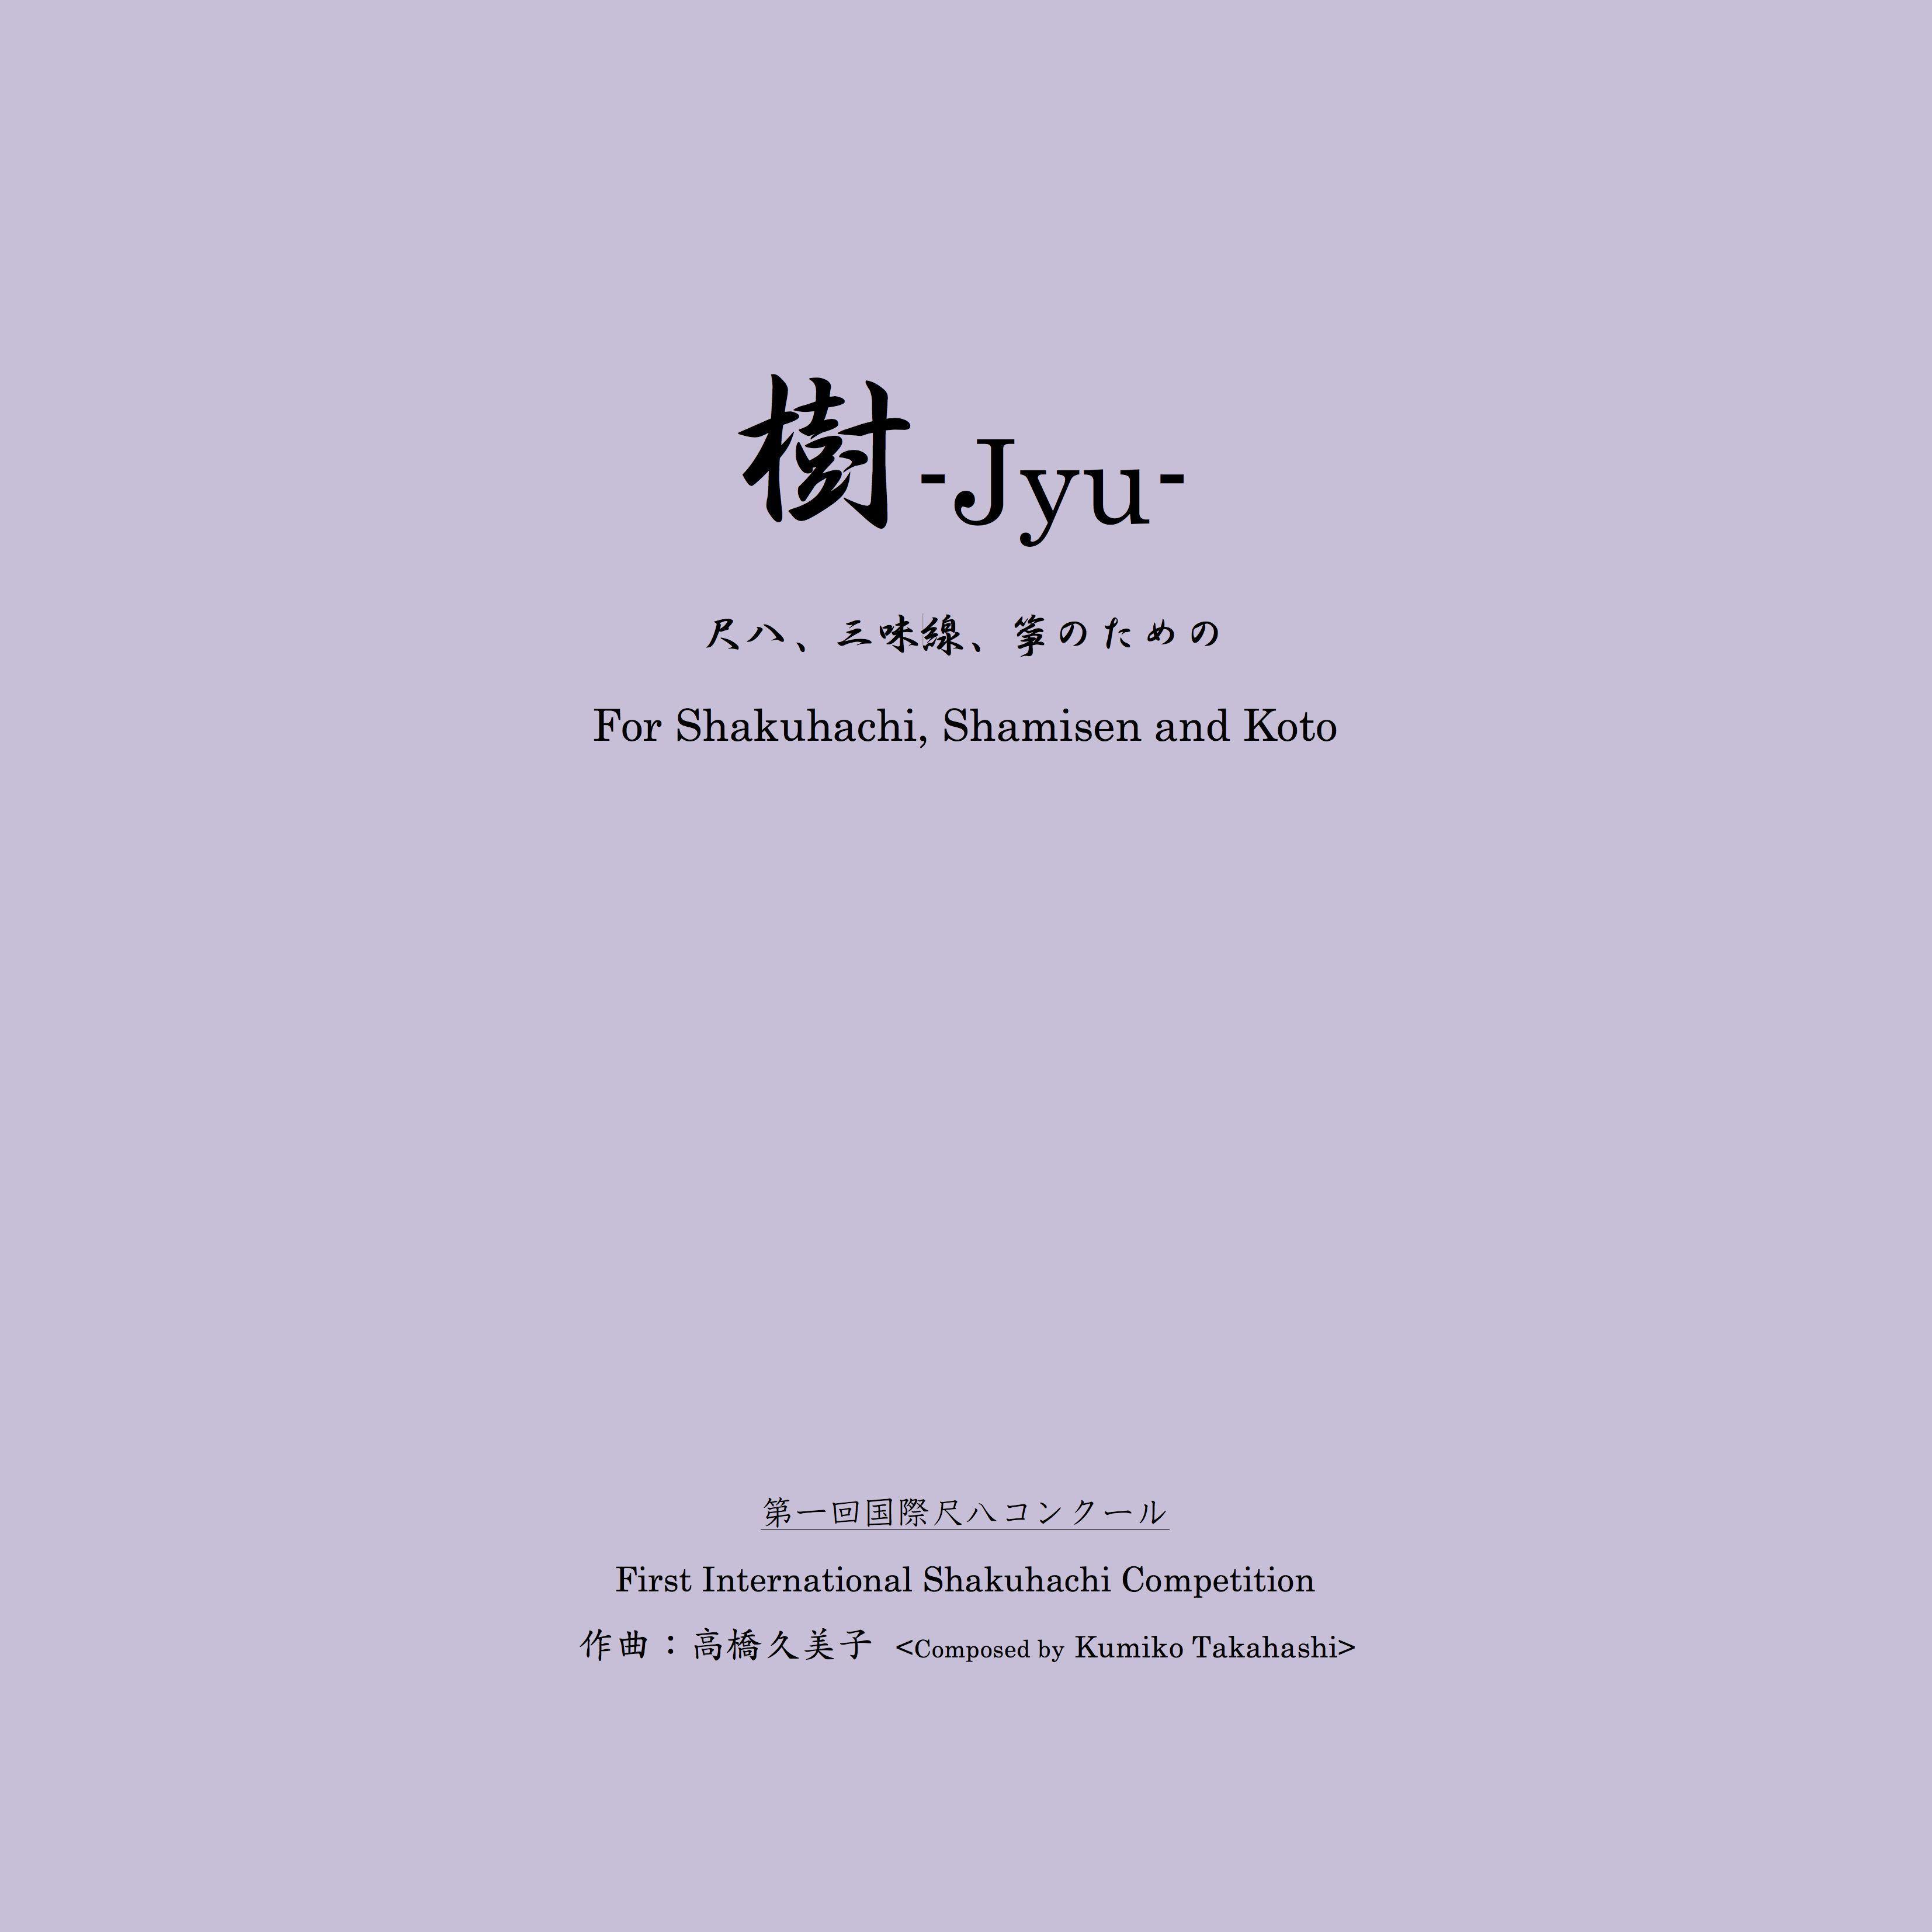 【楽譜】第1回国際尺八コンクール課題曲/尺八、三味線〜箏のための〜樹(五線譜)A4判